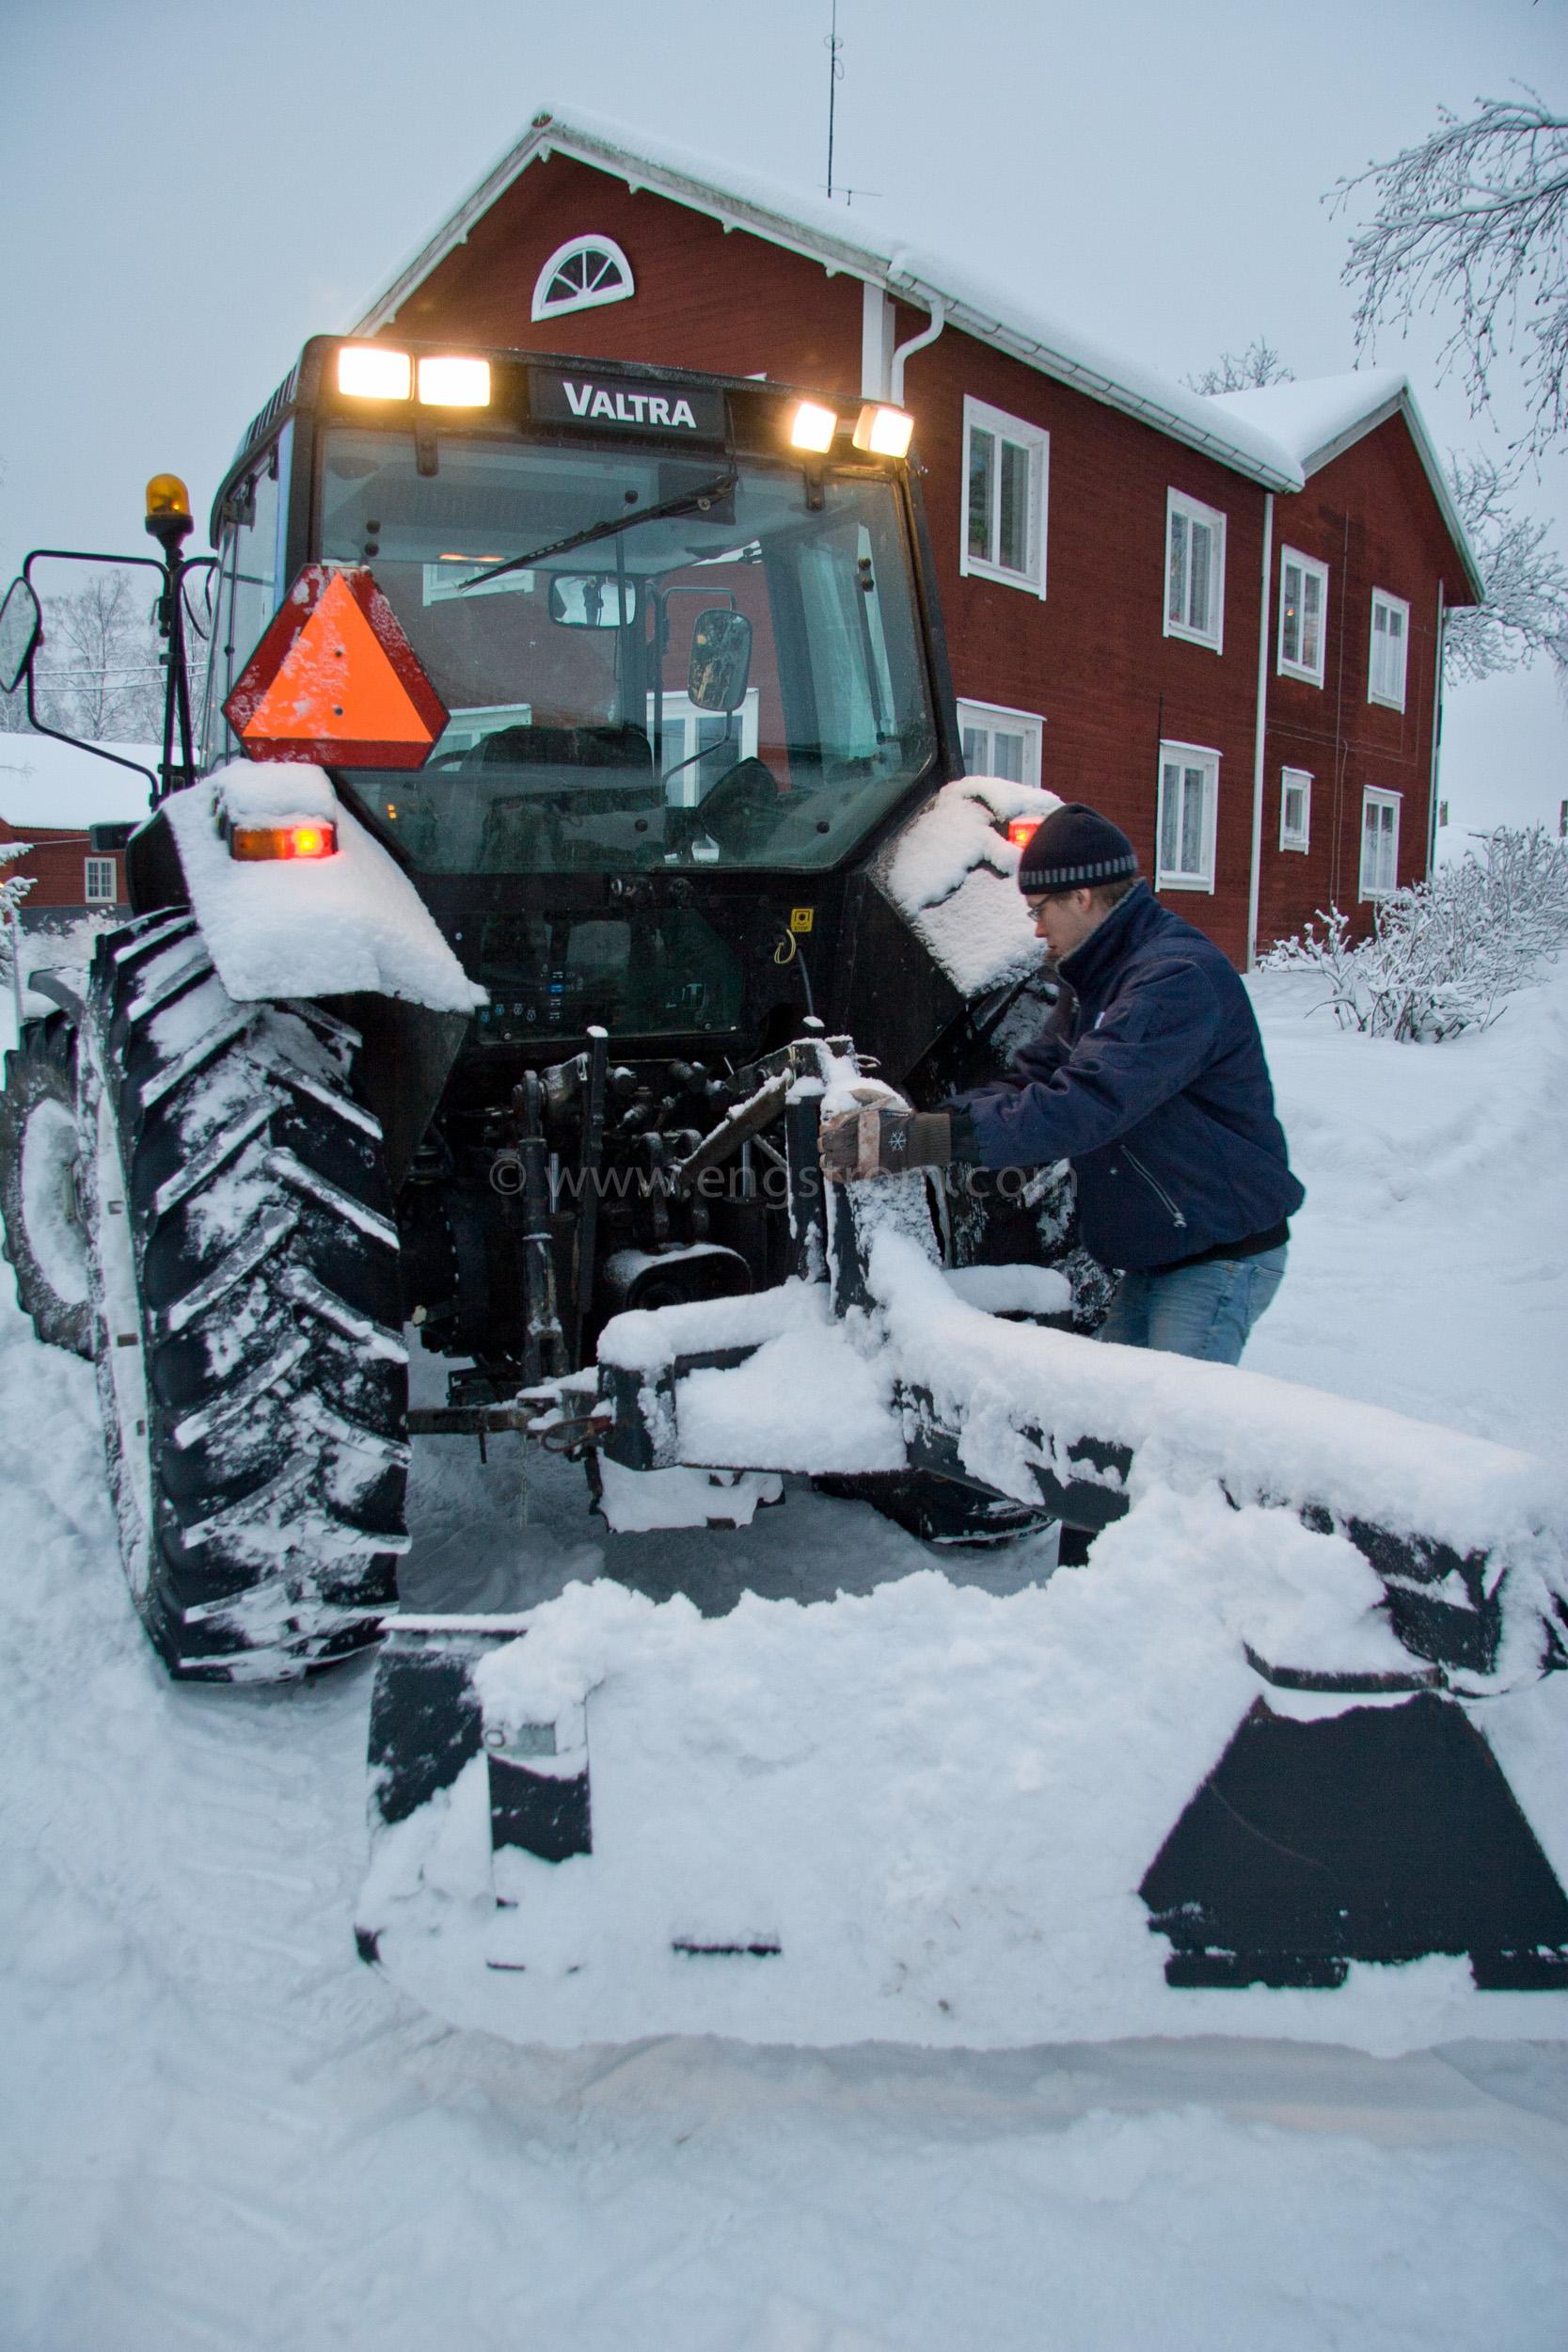 JE_8609, Snöplogning, snöröjning i skymning., Jonas Engström